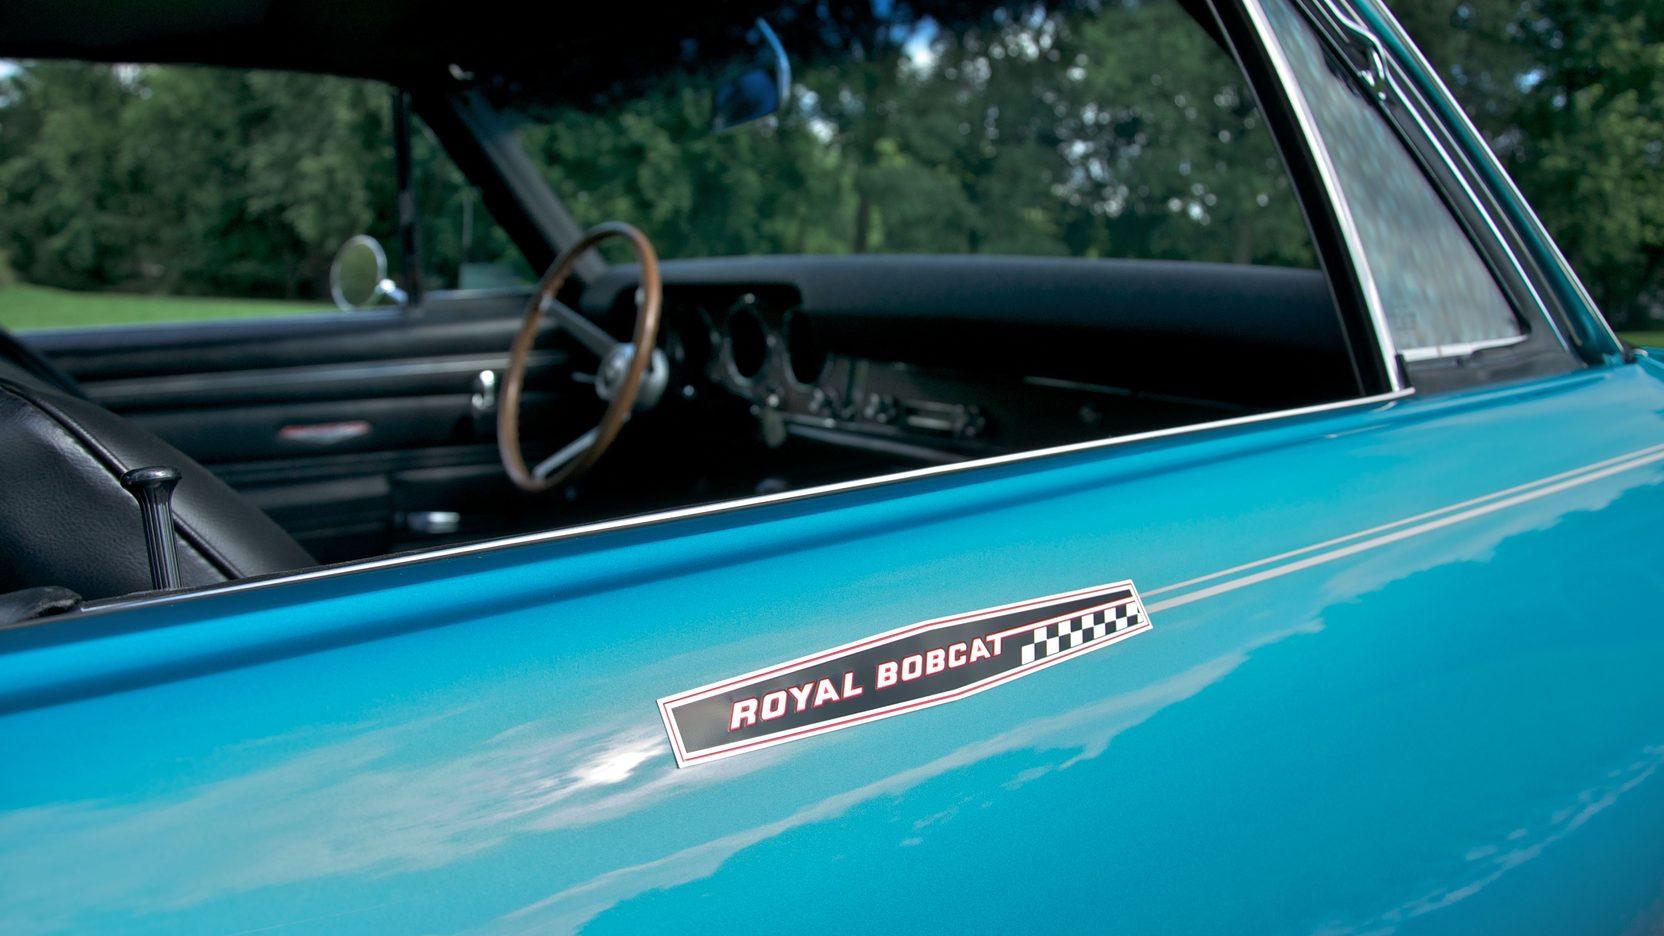 Royal Pontiac Bobcat emblem on a 1968 GTO